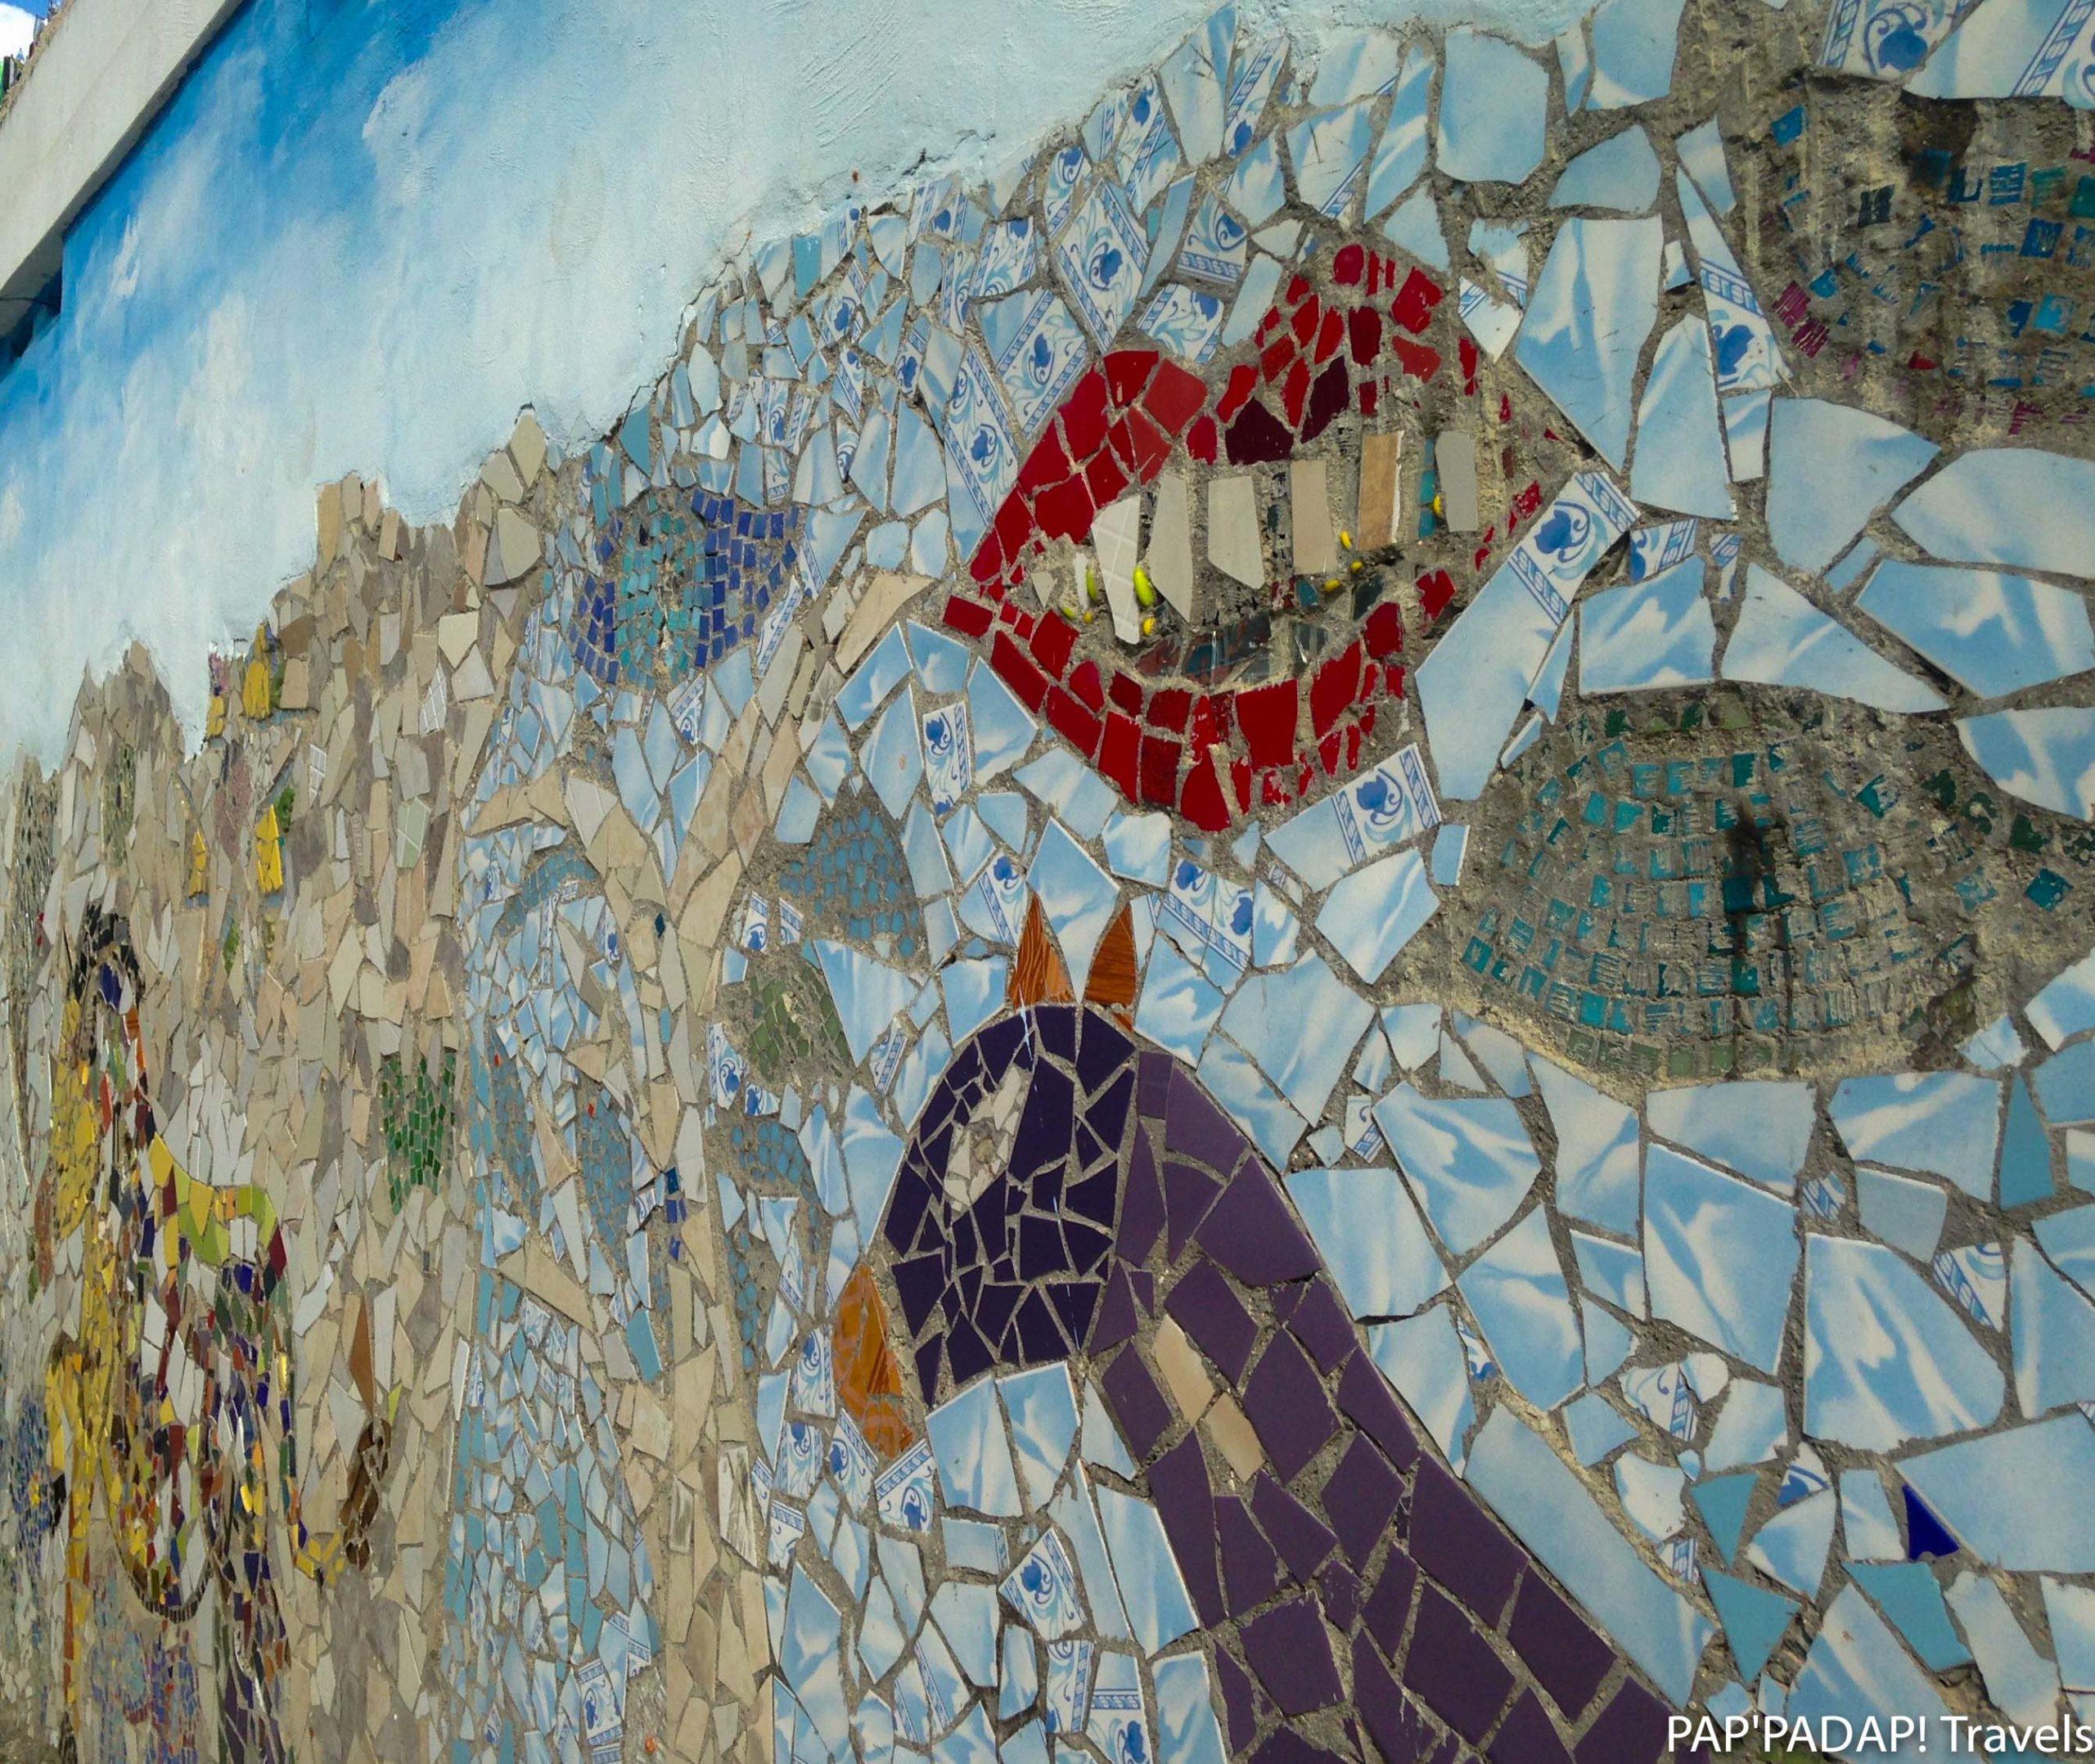 Mosaique rues Jacmel - Sud est Haïti - PAP_PADAP! Travels